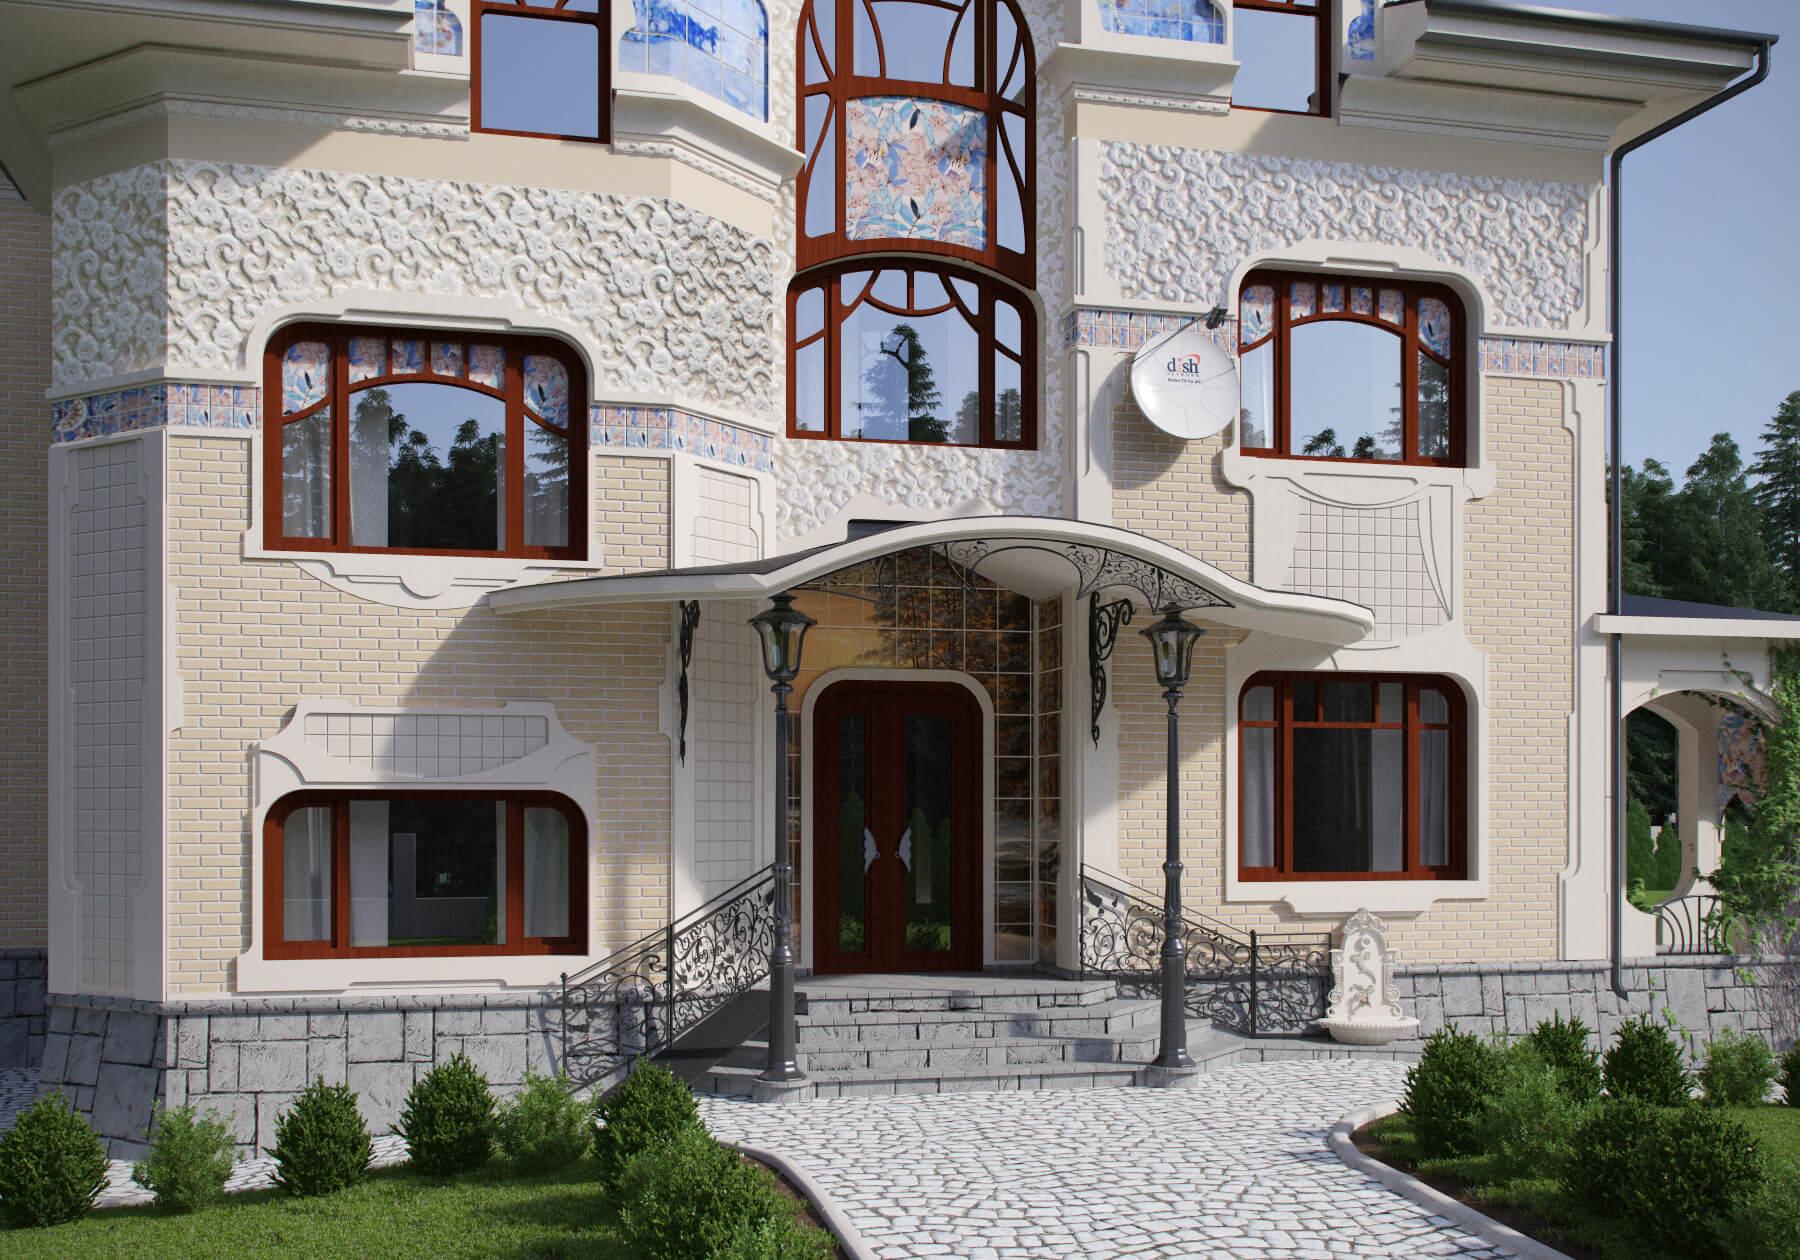 fasad_2-2-1024x717